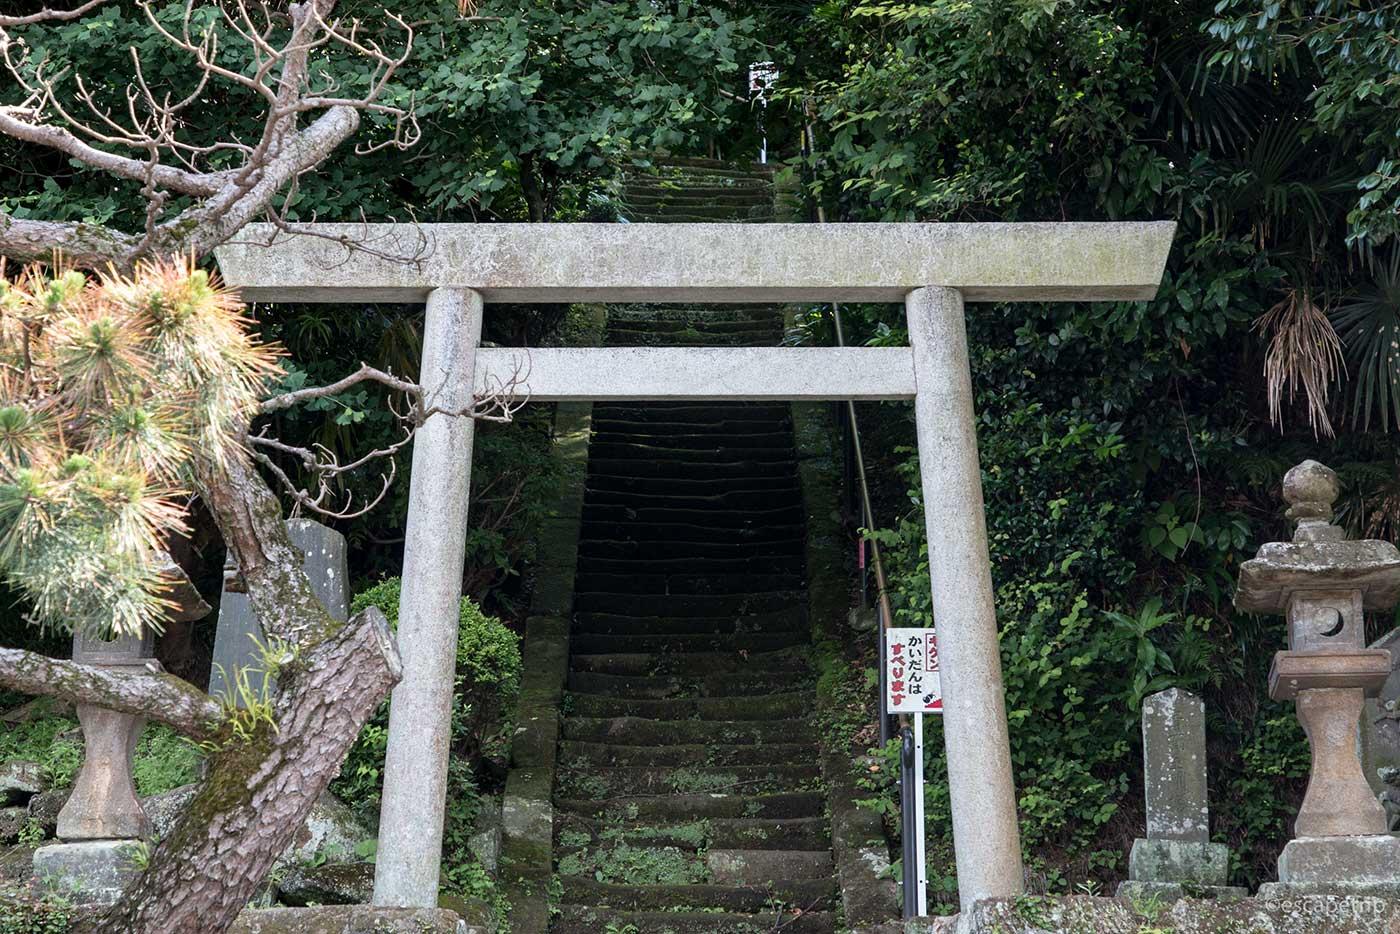 鎌倉の鳥居と階段